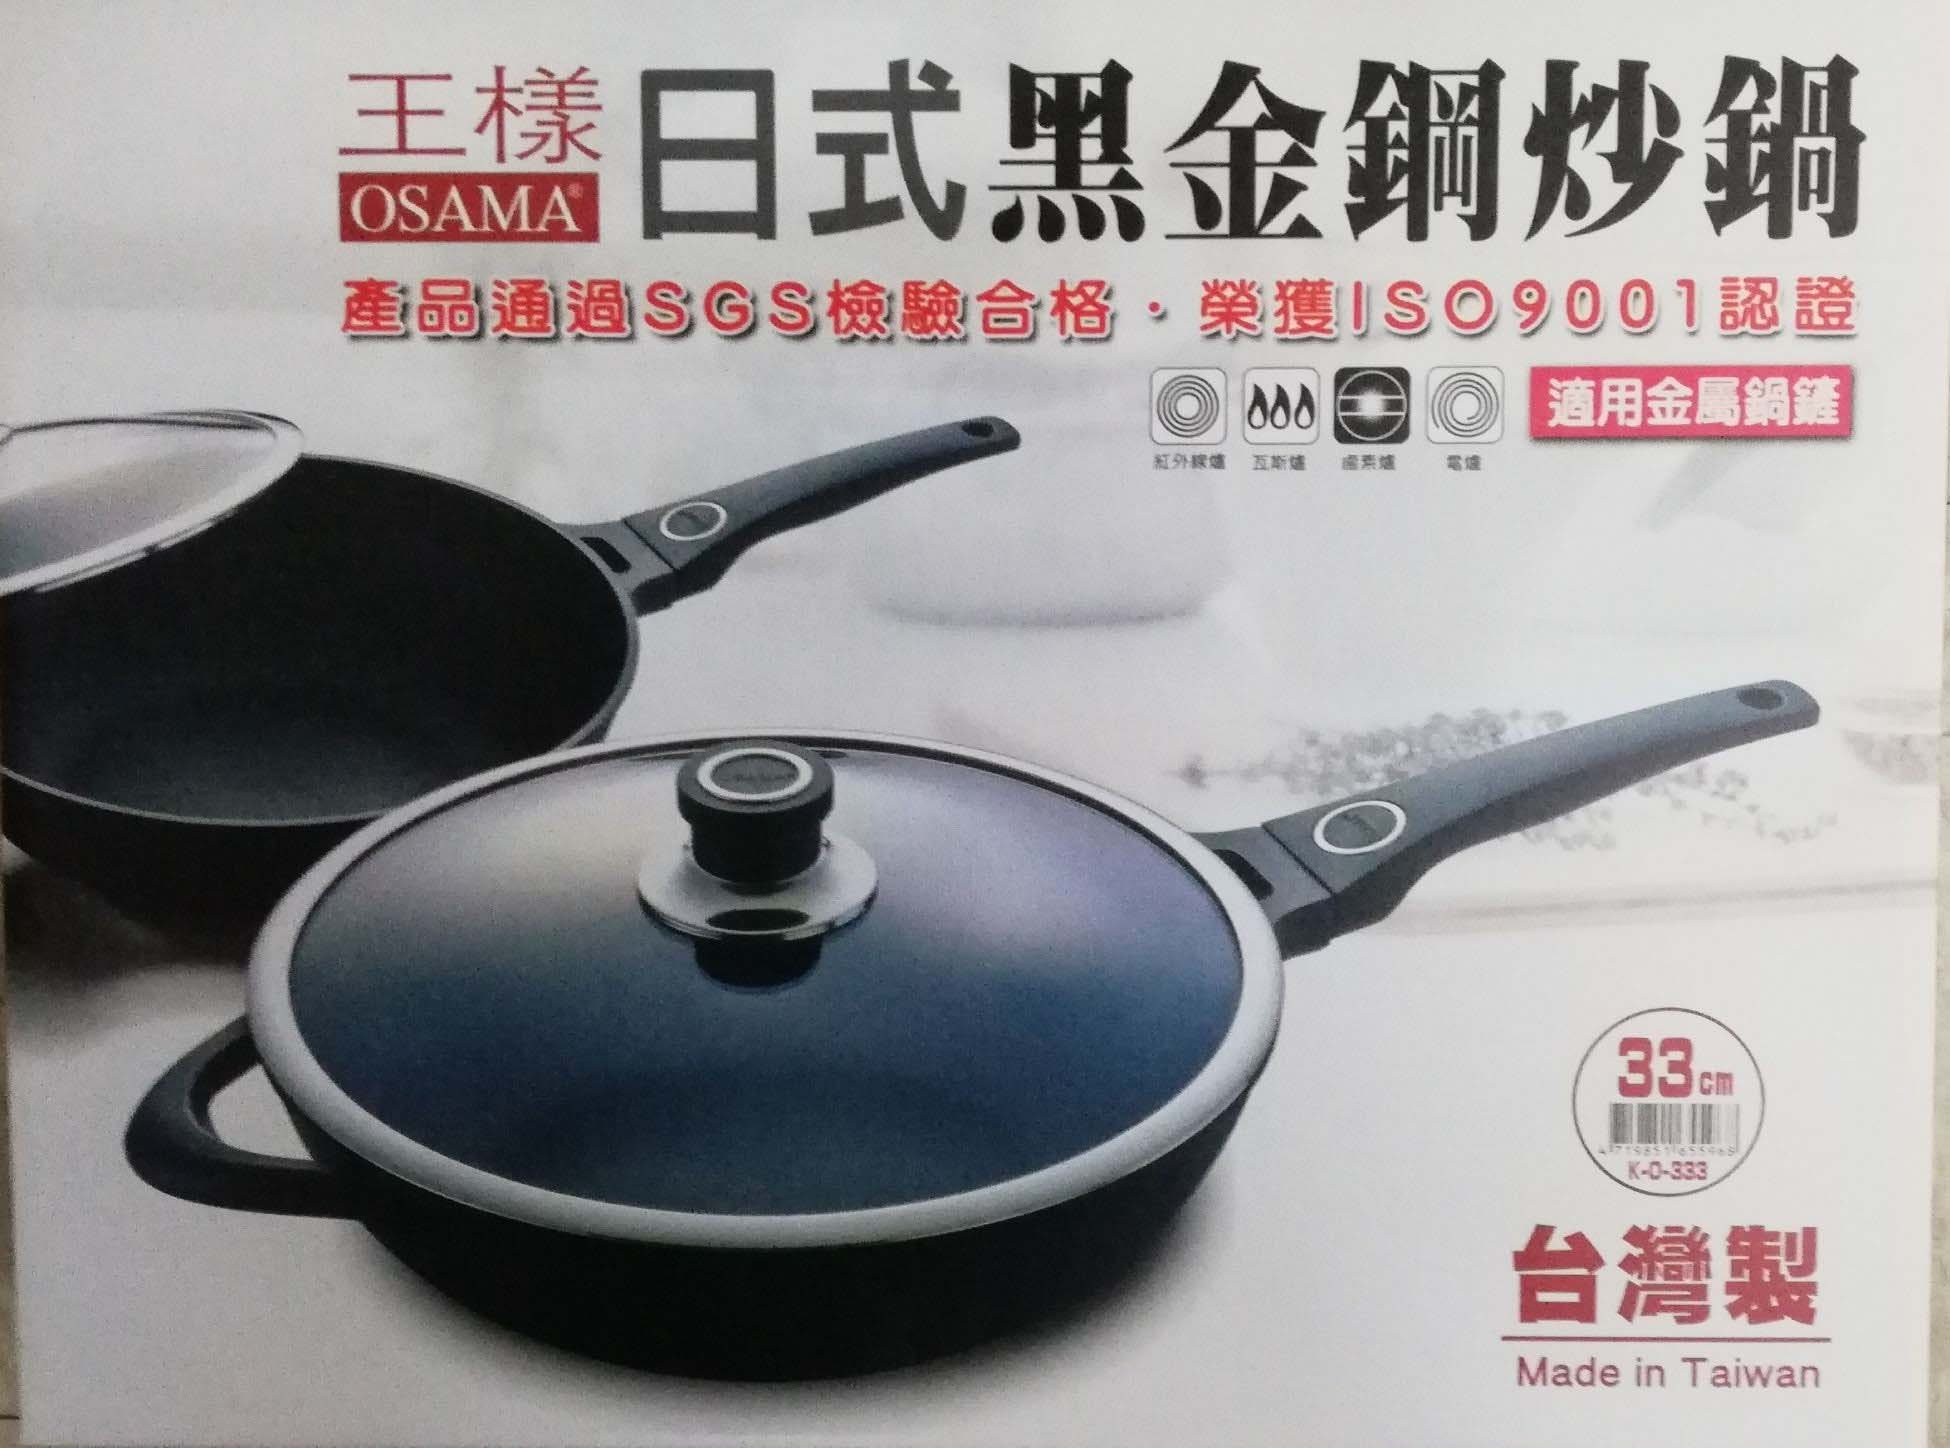 王樣 日式黑金剛炒鍋 33CM 不沾鍋 不沾炒鍋 平煎鍋 鐵鏟 瓦斯爐、紅外線爐、電磁爐